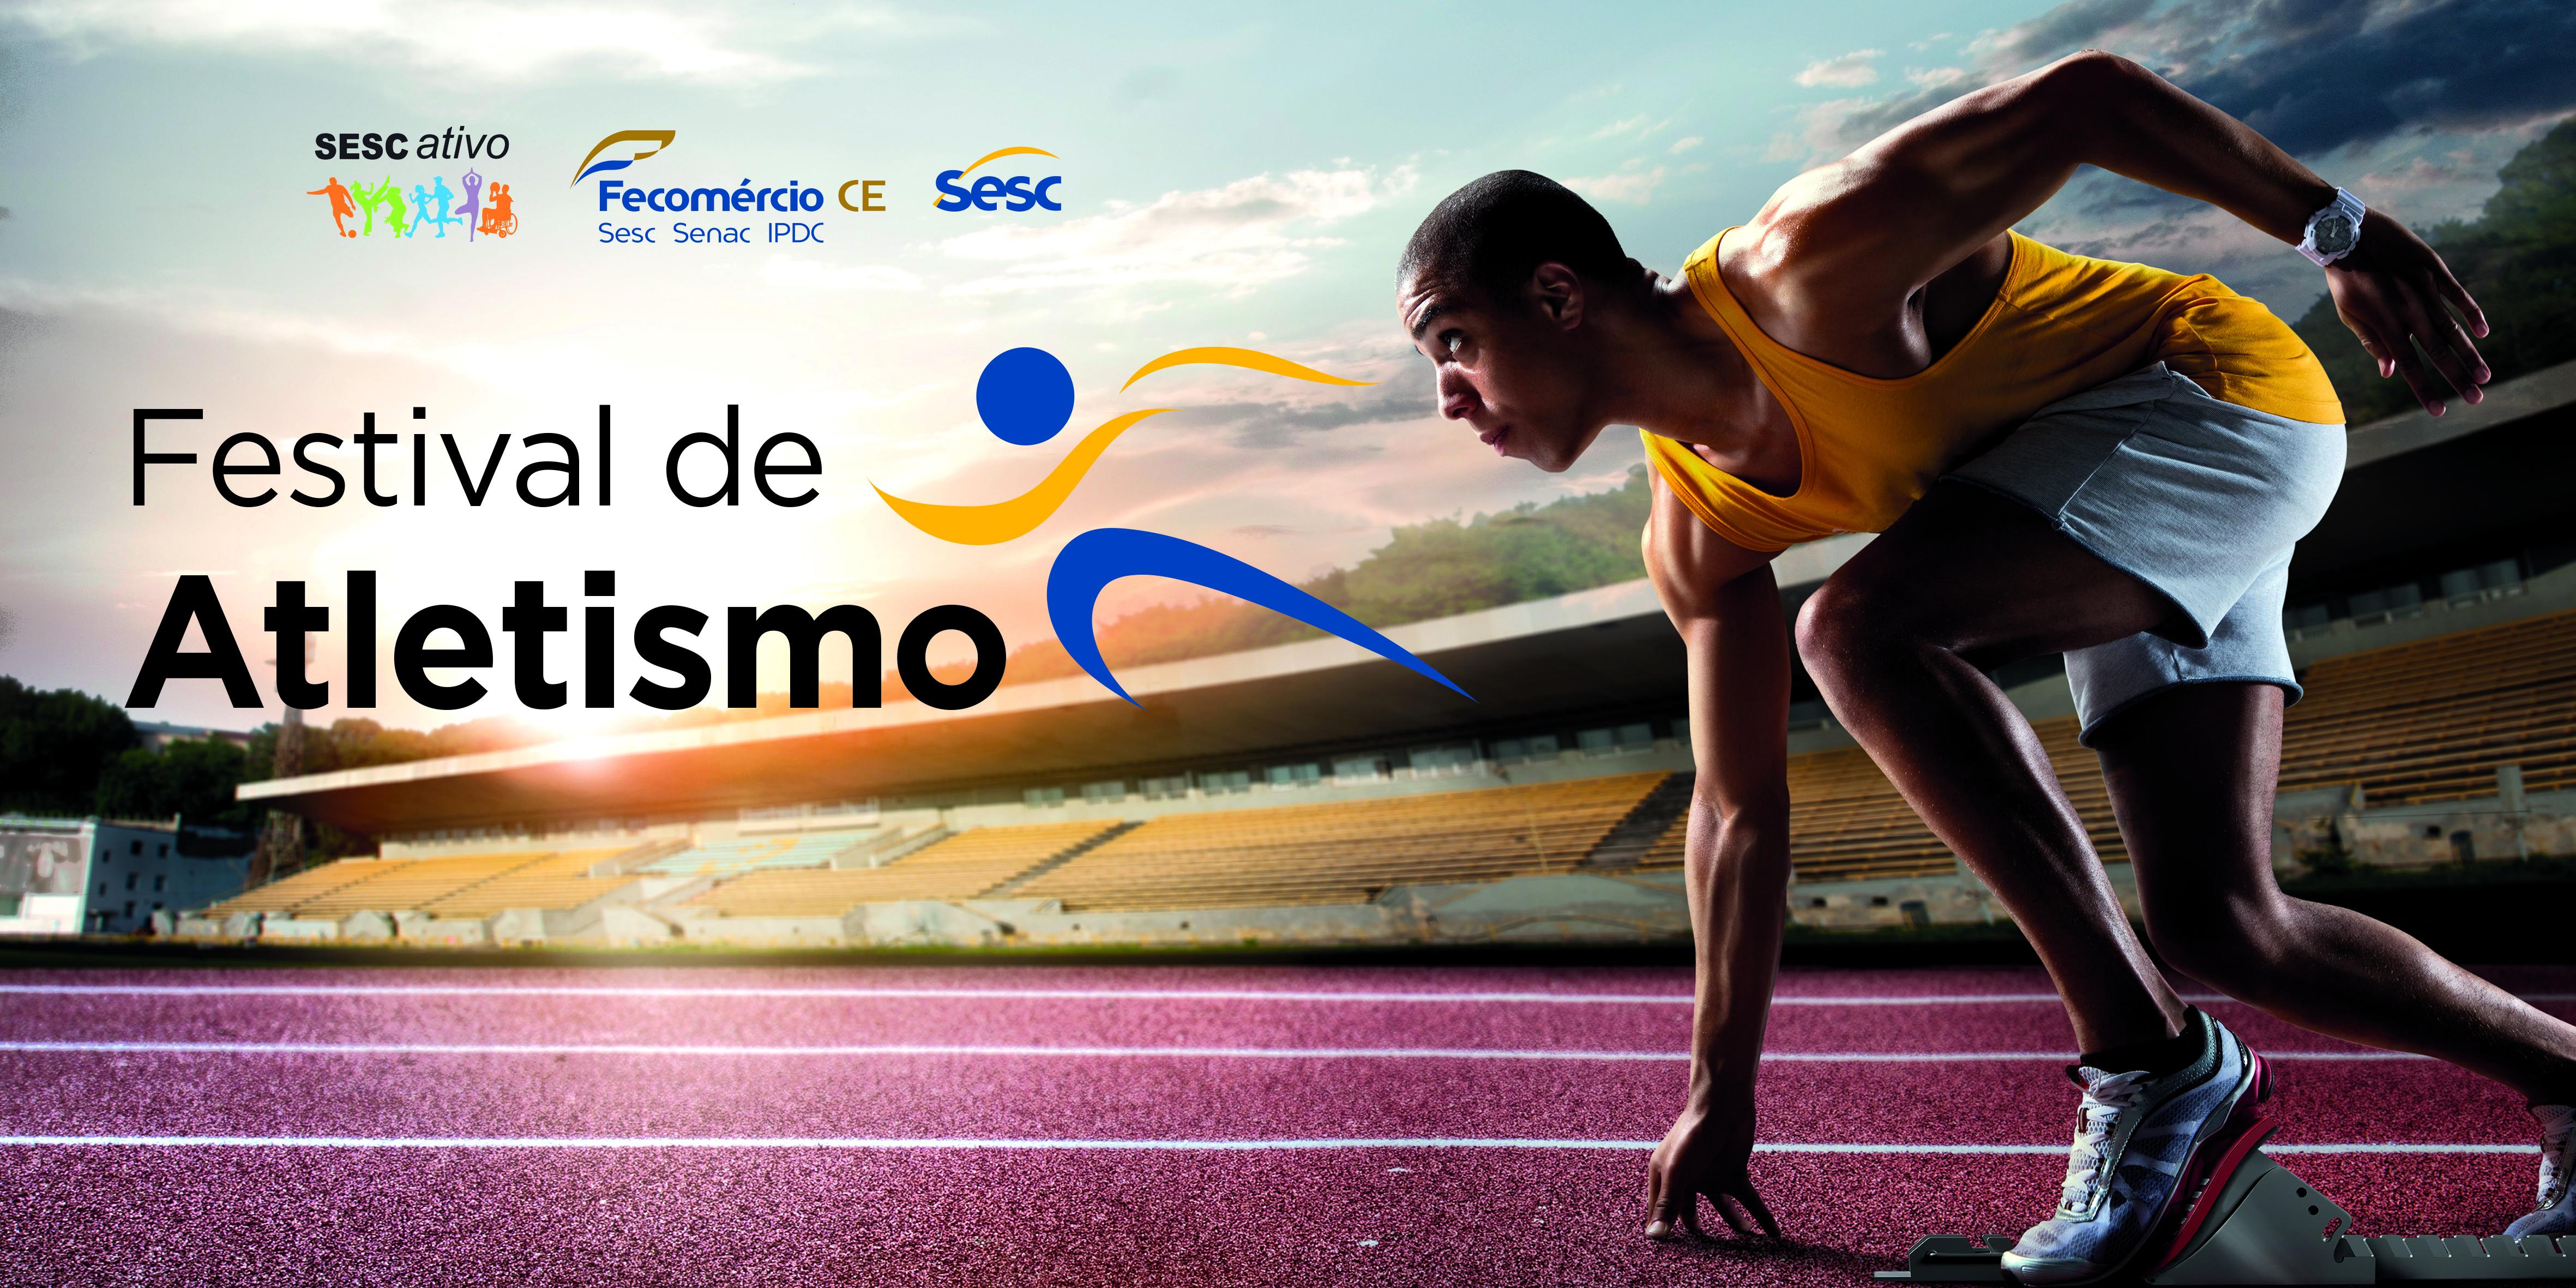 Jovens esportistas podem inscrever-se gratuitamente no Festival Sesc Ativo de Atletismo